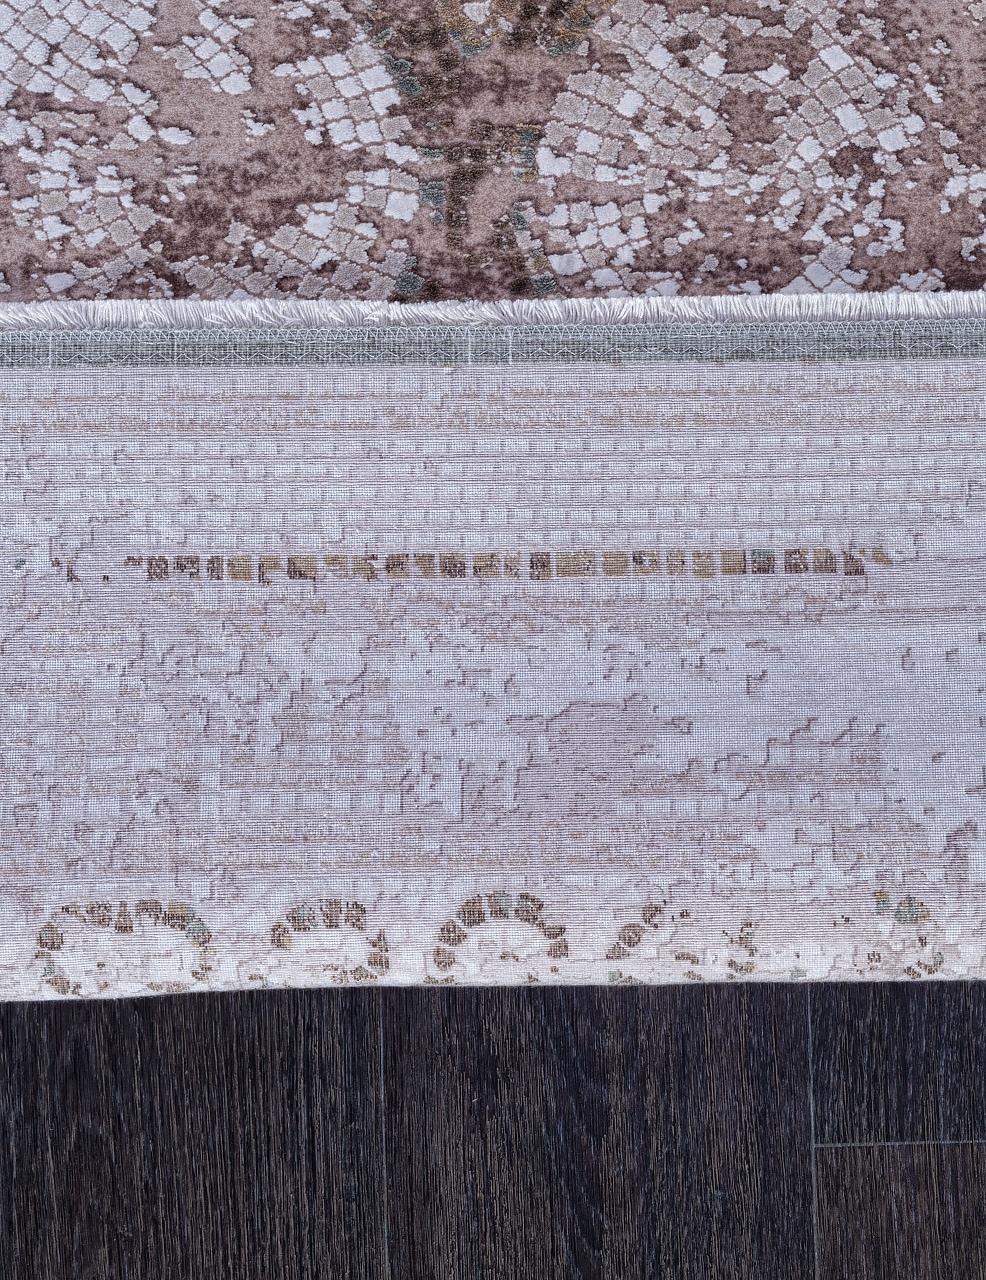 Ковер 19148 - 070 BEIGE - Прямоугольник - коллекция CREANTE - фото 5